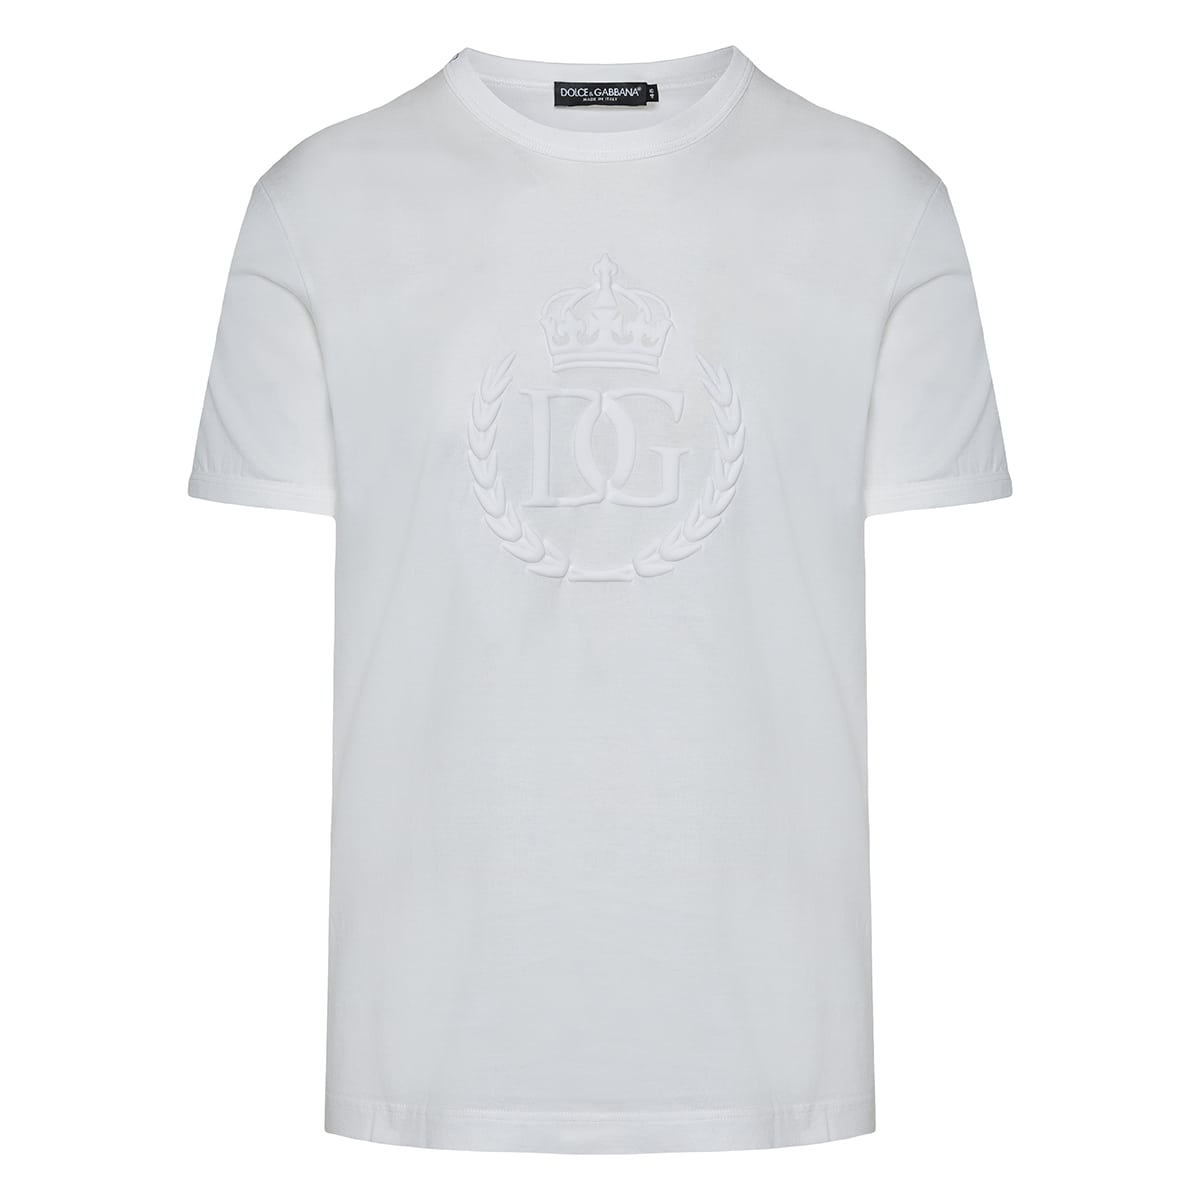 DG cotton t-shirt